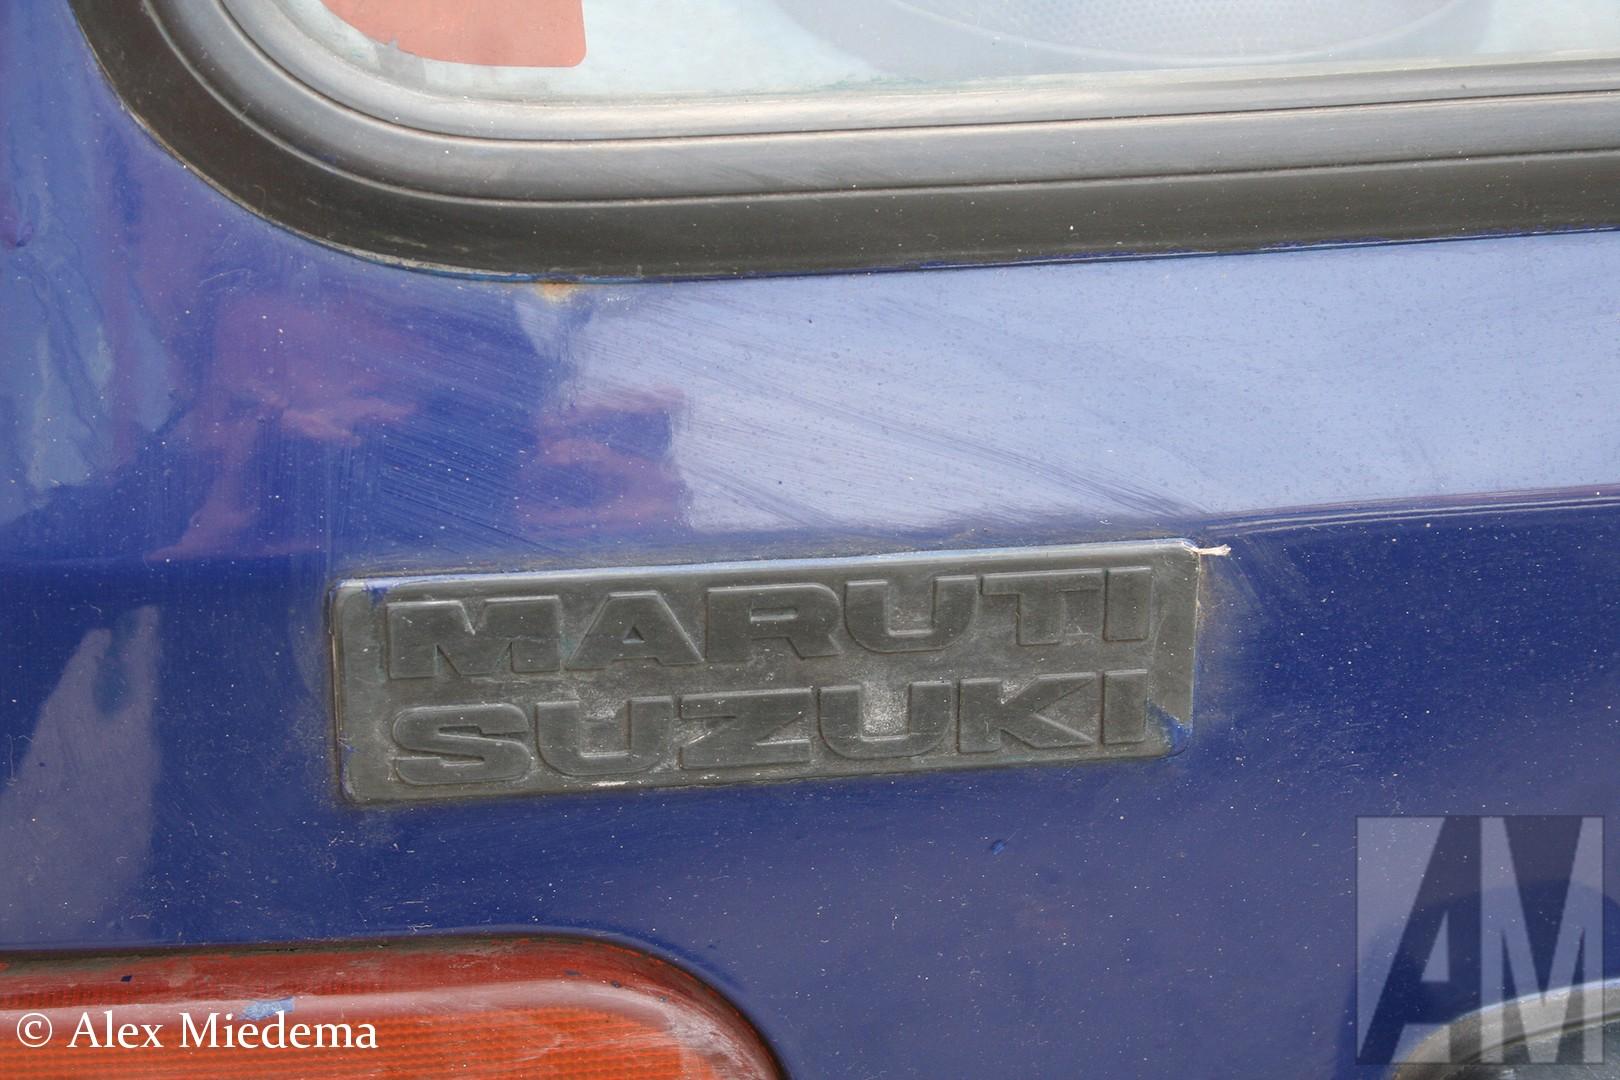 Alto model van begin jaren '90 vak helemaal niet bij Suzuki is gebouwd. Het Indische Maruti bouwde ze in licentie, maar deze werden op de West-Europese markt gewoon onder de naam Suzuki Alto verkocht. Menig huisvrouw, bejaarde of arme student heeft dus gepocht met een 'betrouwbaar Japannertje', terwijl ze eigenlijk in een Indische auto reden, zonder dat ze het zelf doorhadden. In het nabije oosten werden deze auto's wel gewoon onder de naam Maruti verkocht, zo ook deze Maruti 800 die ik april 2011 in Budapest voor de lens kreeg.